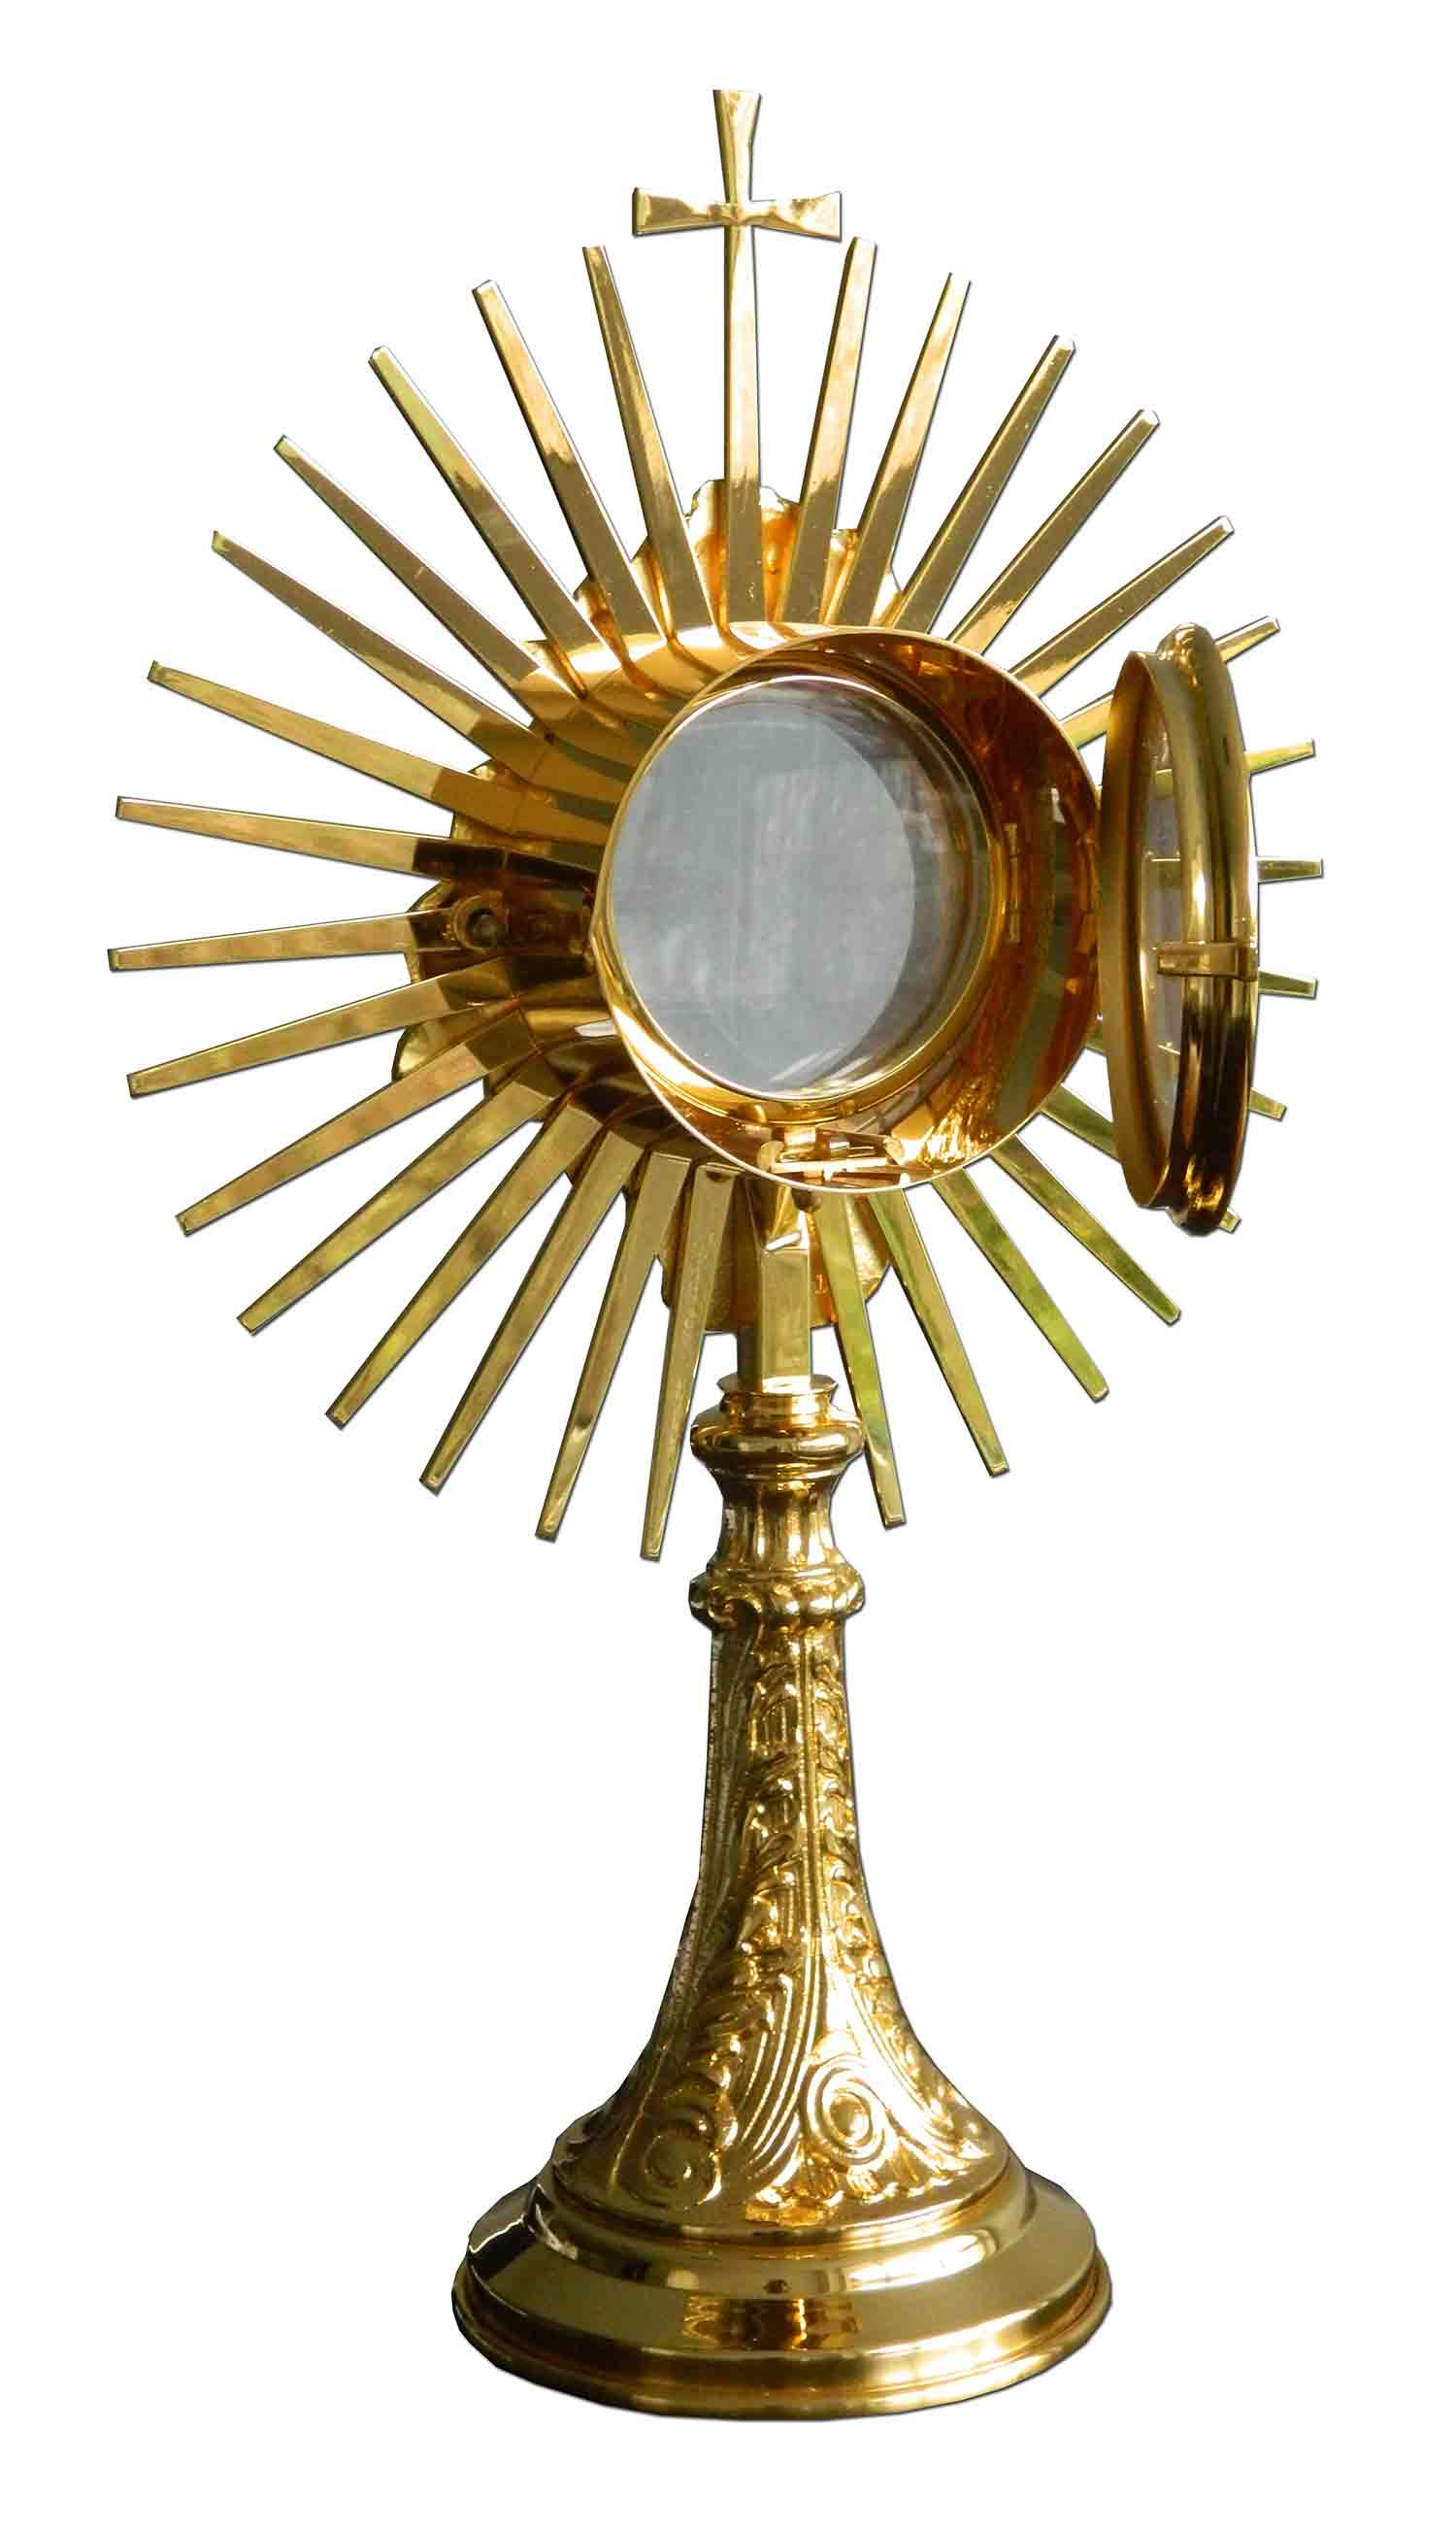 c6b40b44417 Custodia del Santísiomo en metal dorado con rayos y Cruz